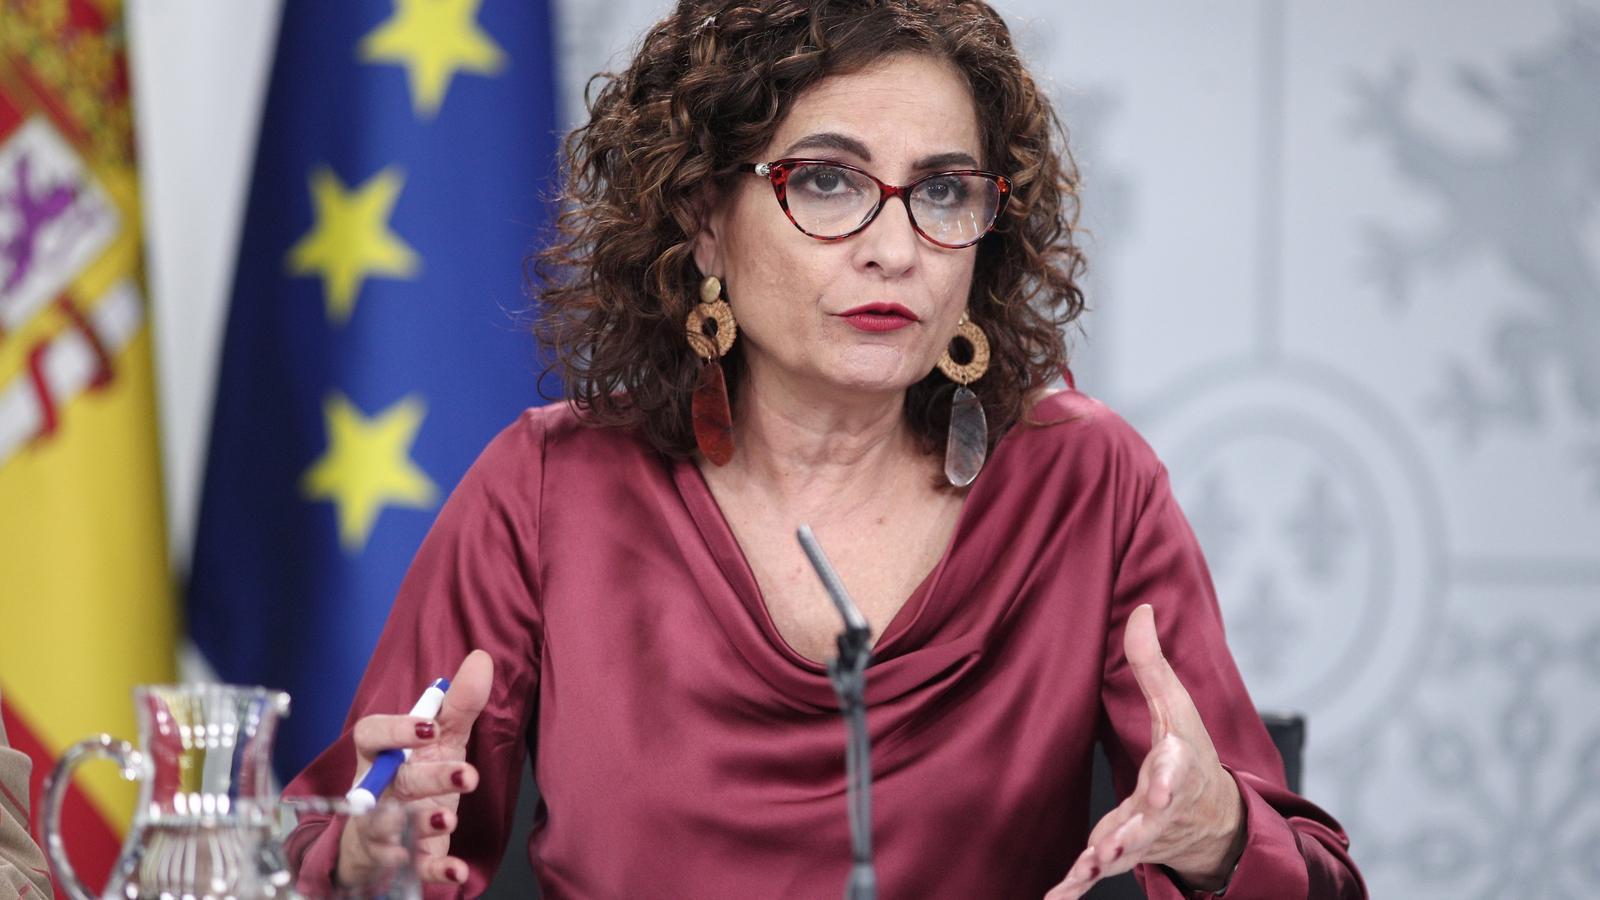 La Federació Espanyola de Municipis i Províncies accepta dividida la proposta d'Hisenda per utilitzar els romanents